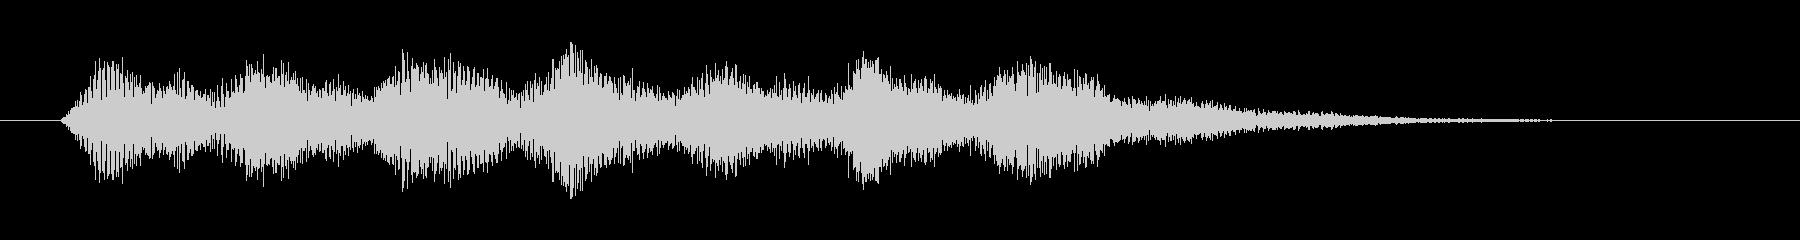 電子音 パラノイア 恐怖の未再生の波形